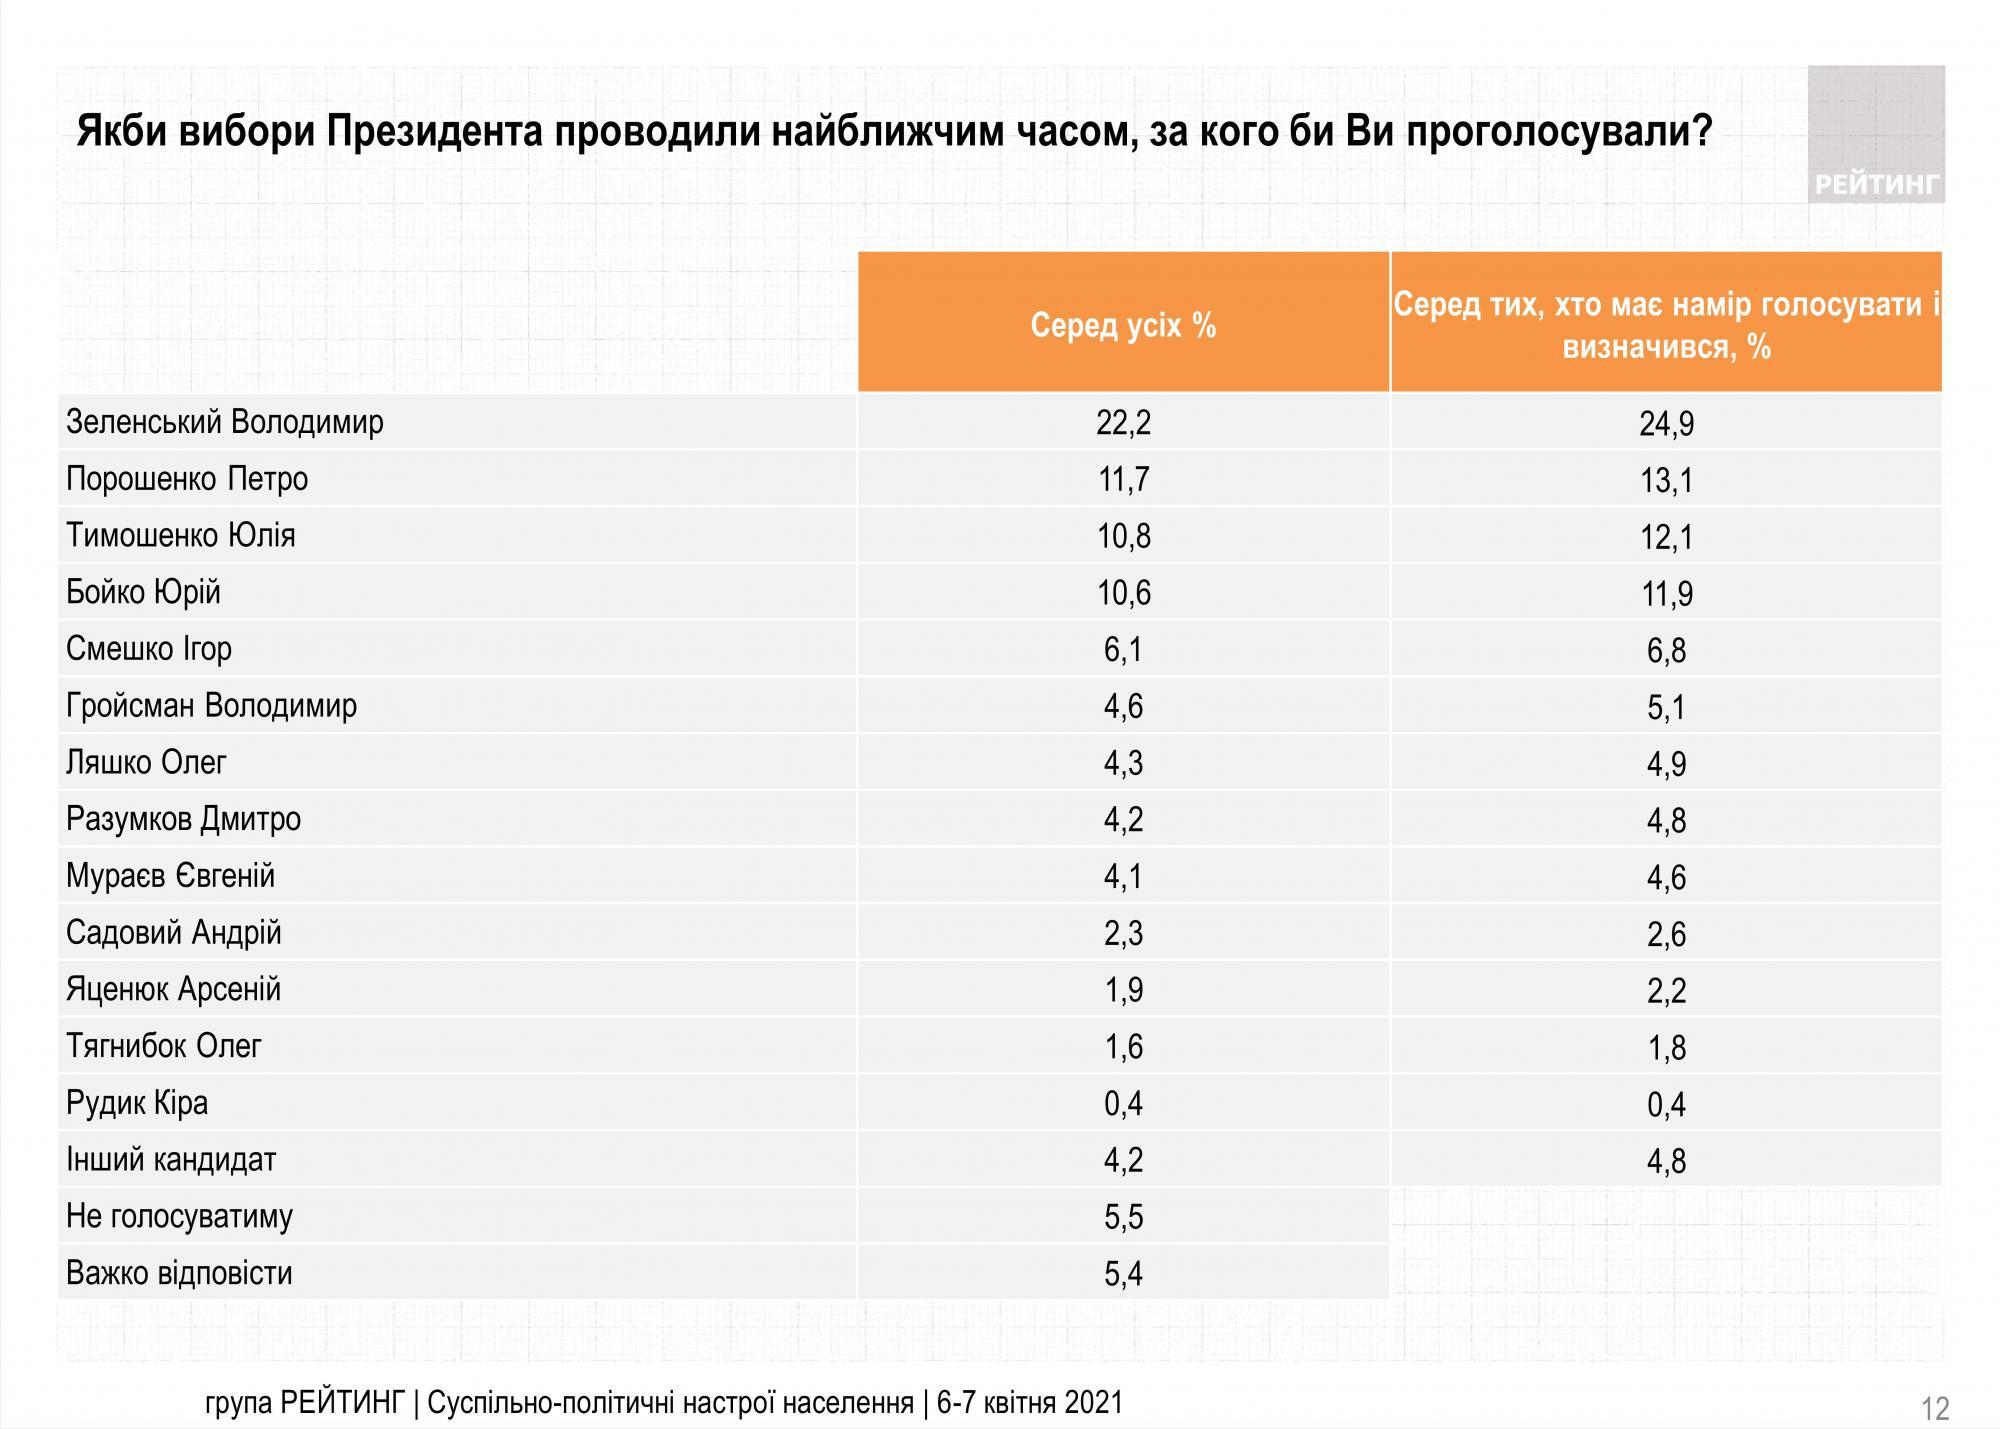 Новый президентский рейтинг: За кого бы голосовали в апреле2